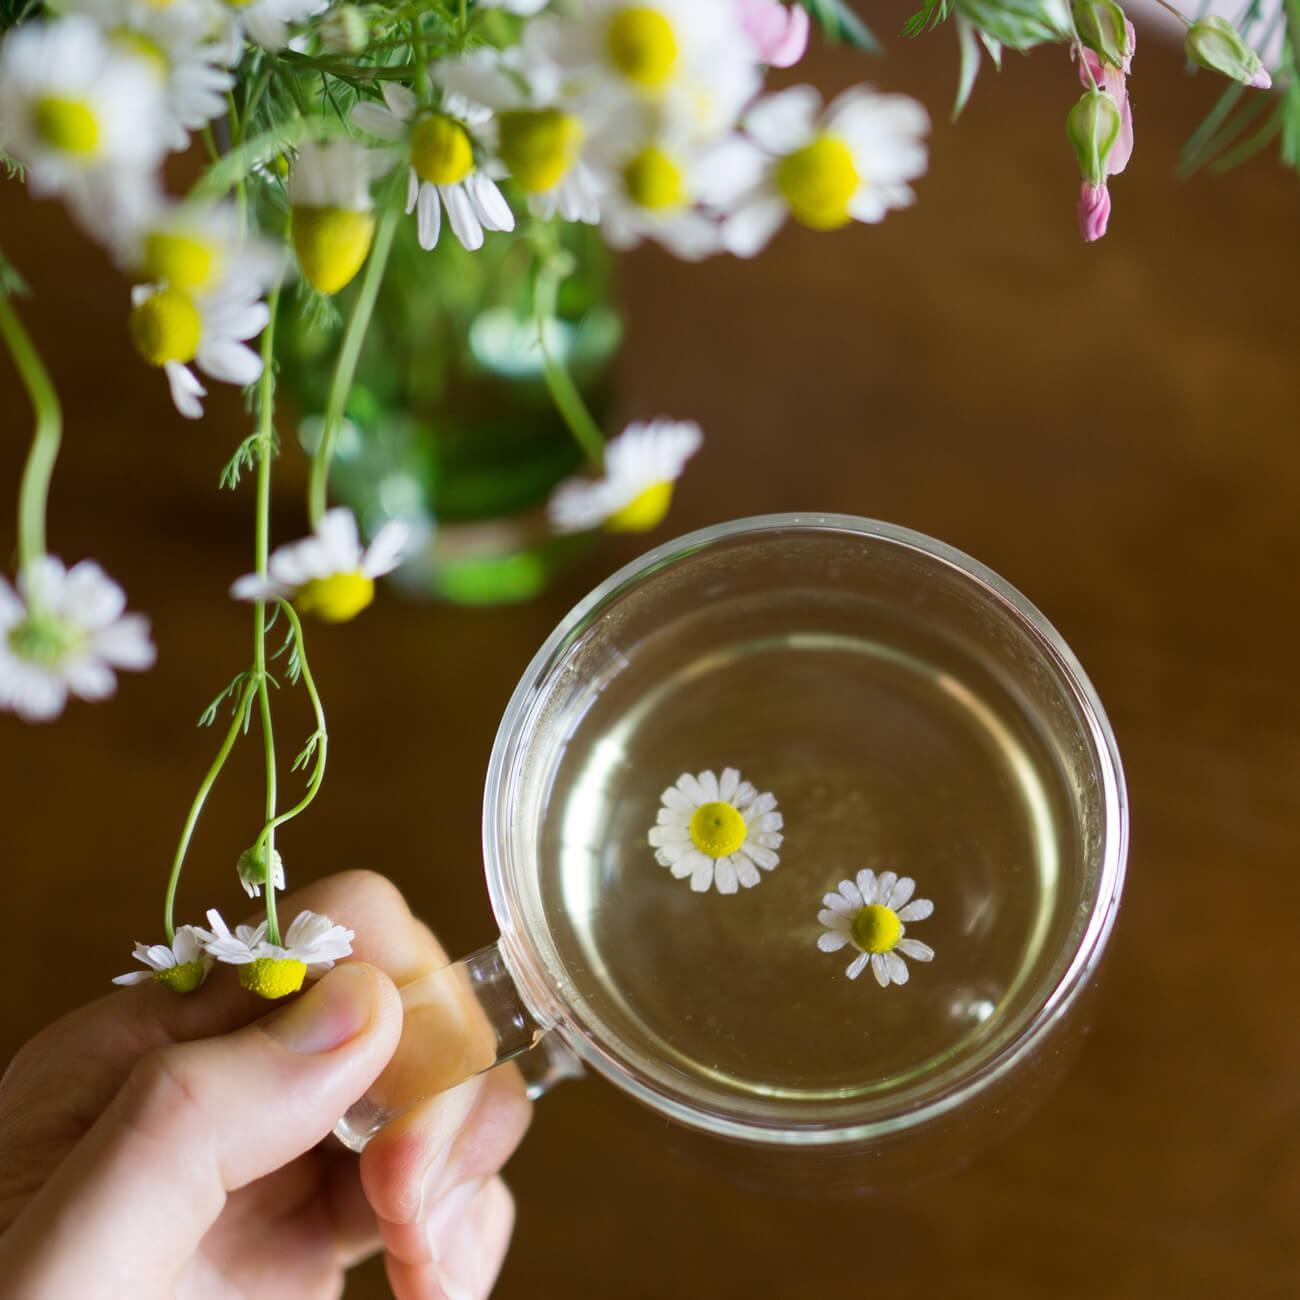 カモミールティー 屋久島春の花々越しに 屋久島花とジュエリーと